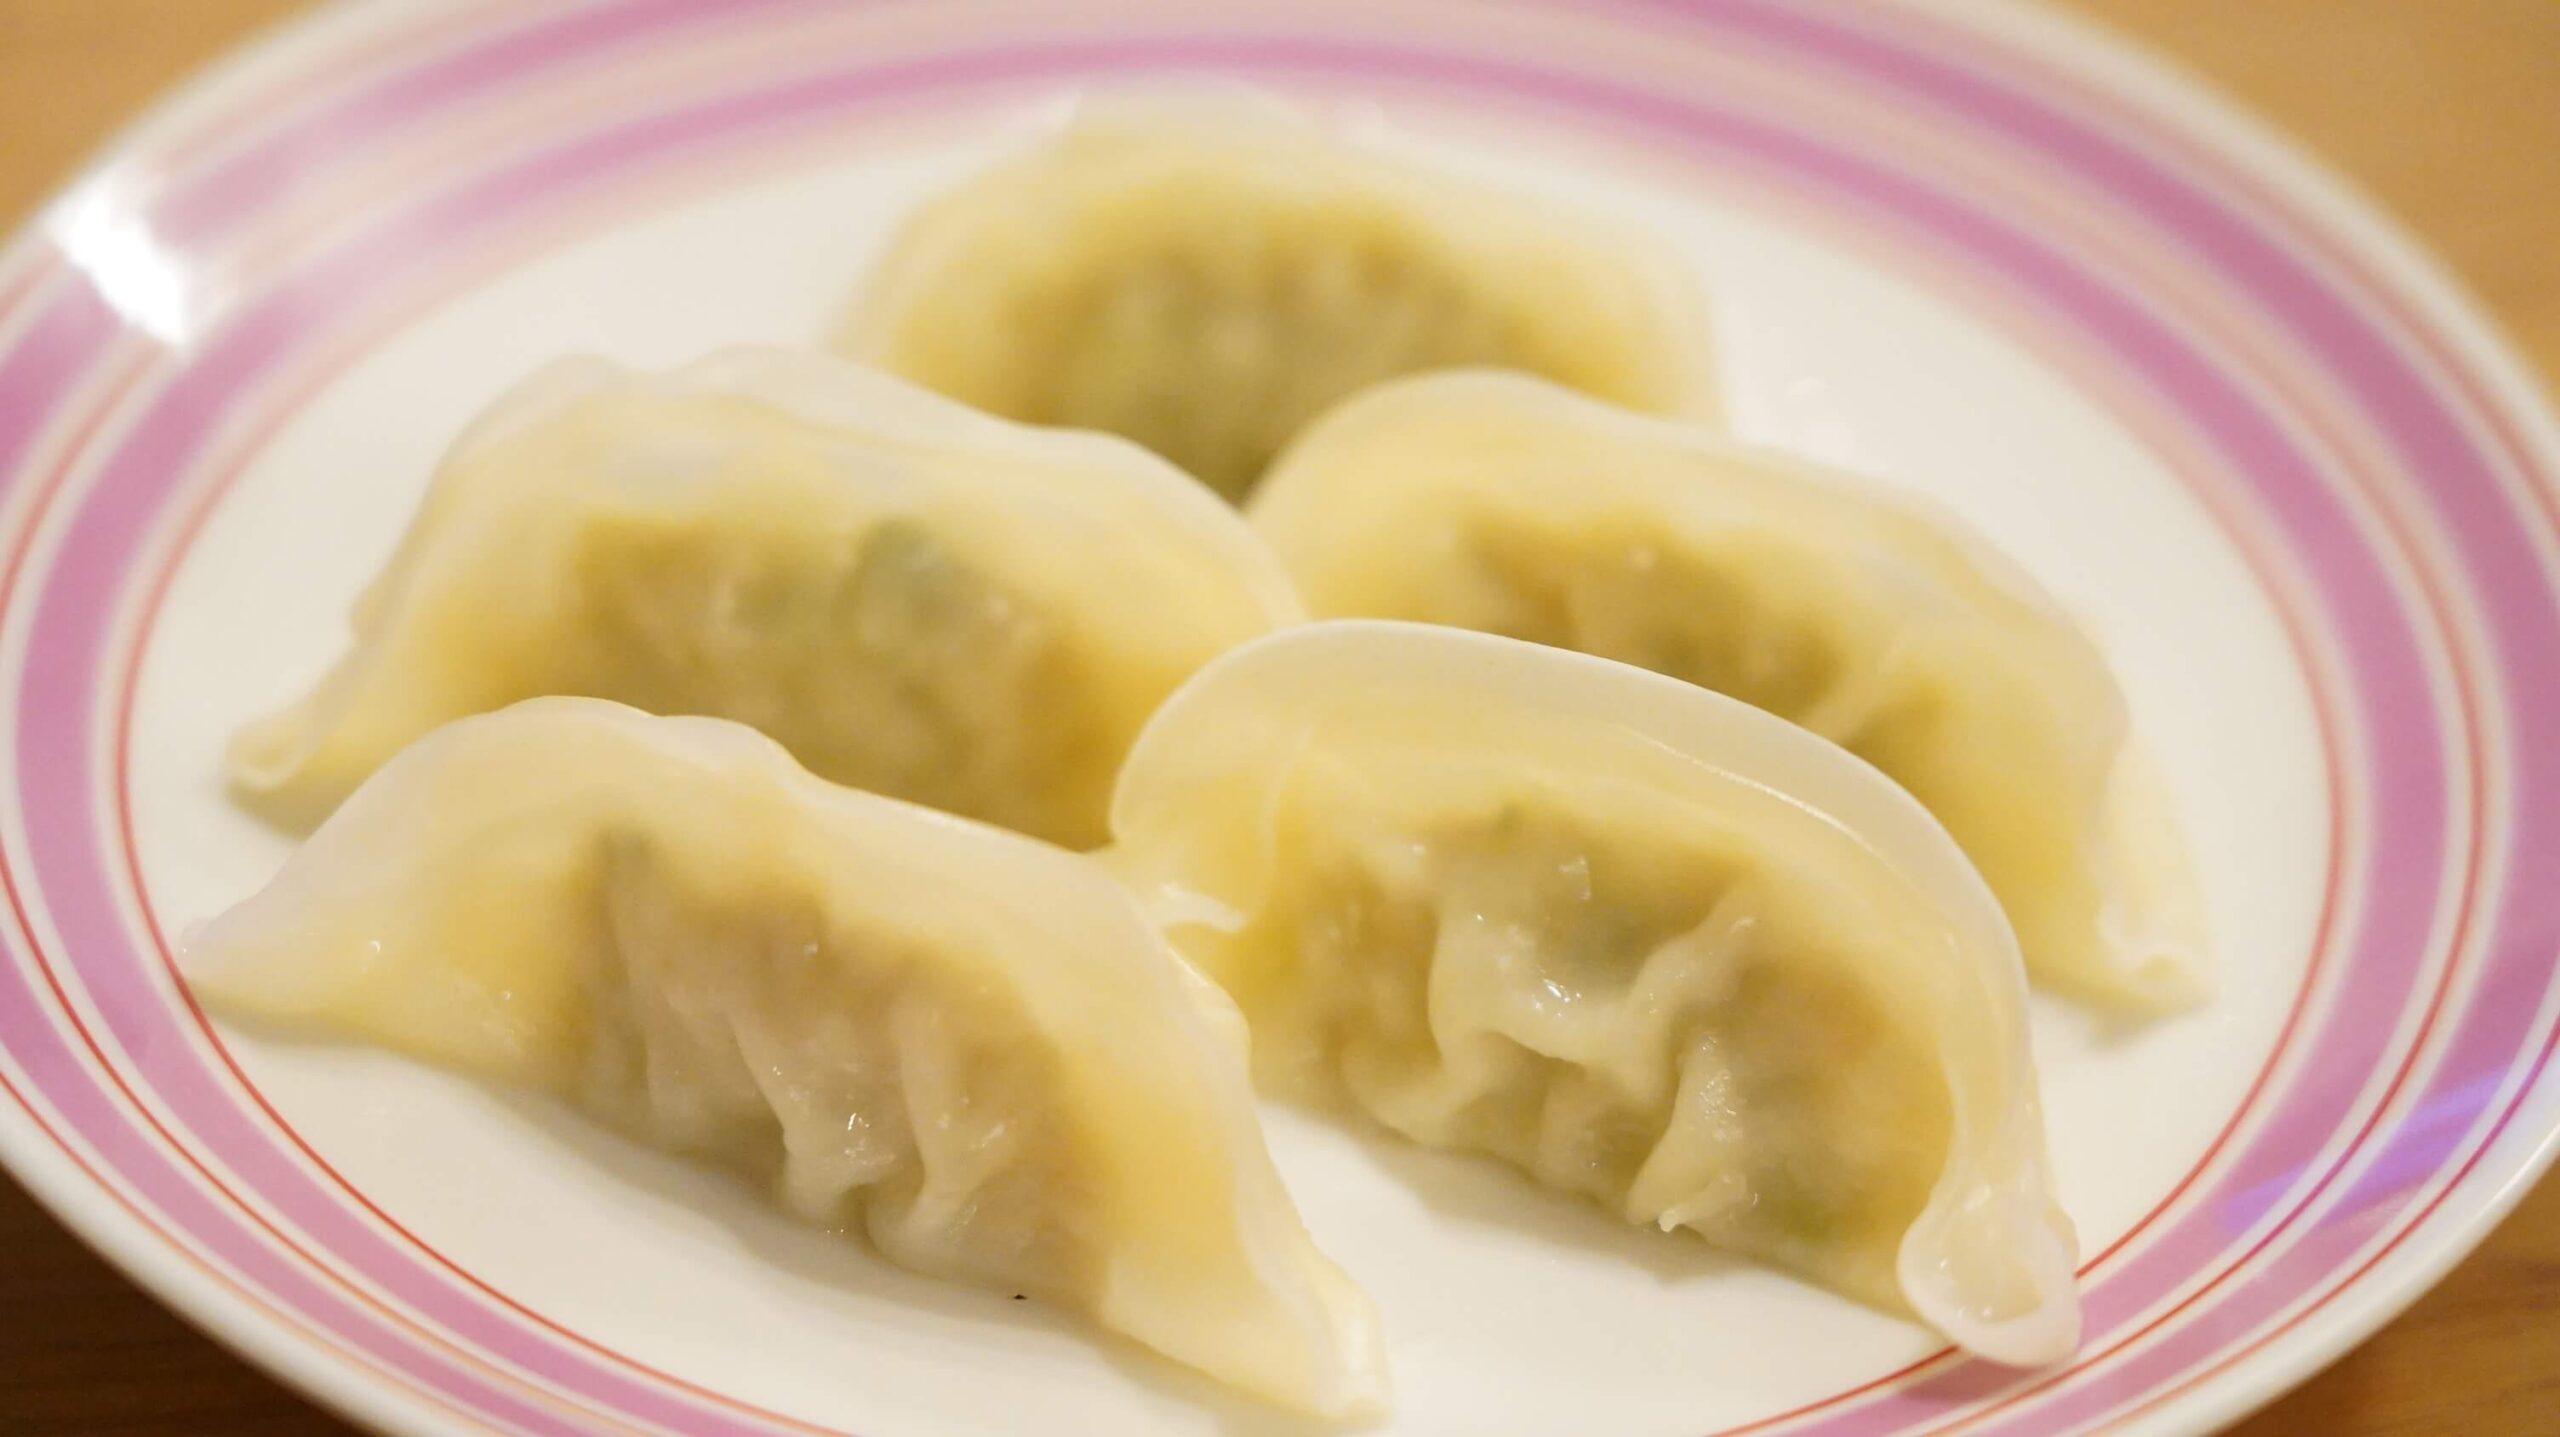 生協宅配限定の冷凍餃子「香港ギョーザ」を皿に盛りつけた写真